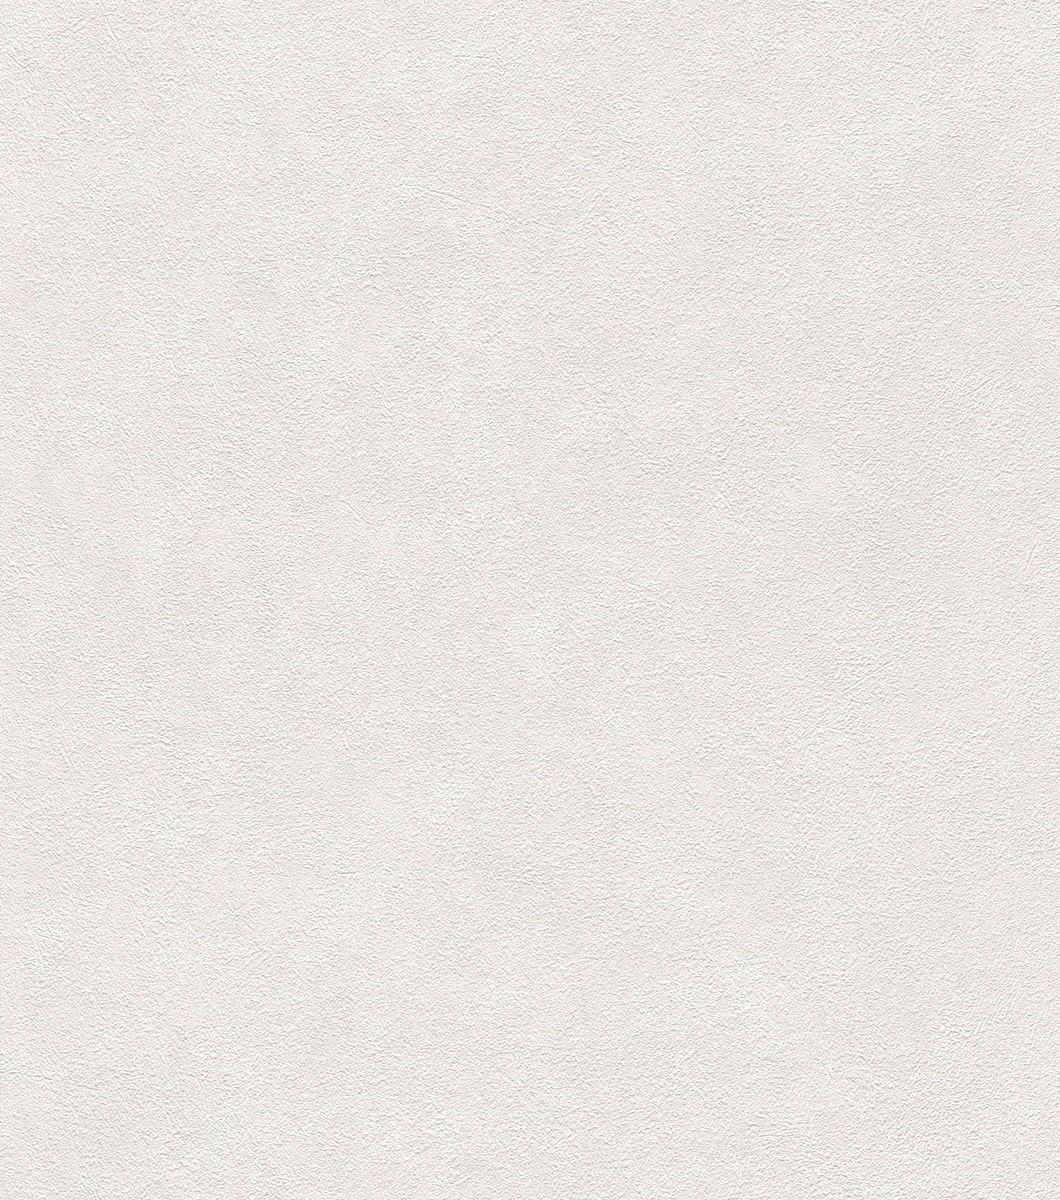 Papel de Parede Factory III 445800 - Rolo: 10m x 0,53m